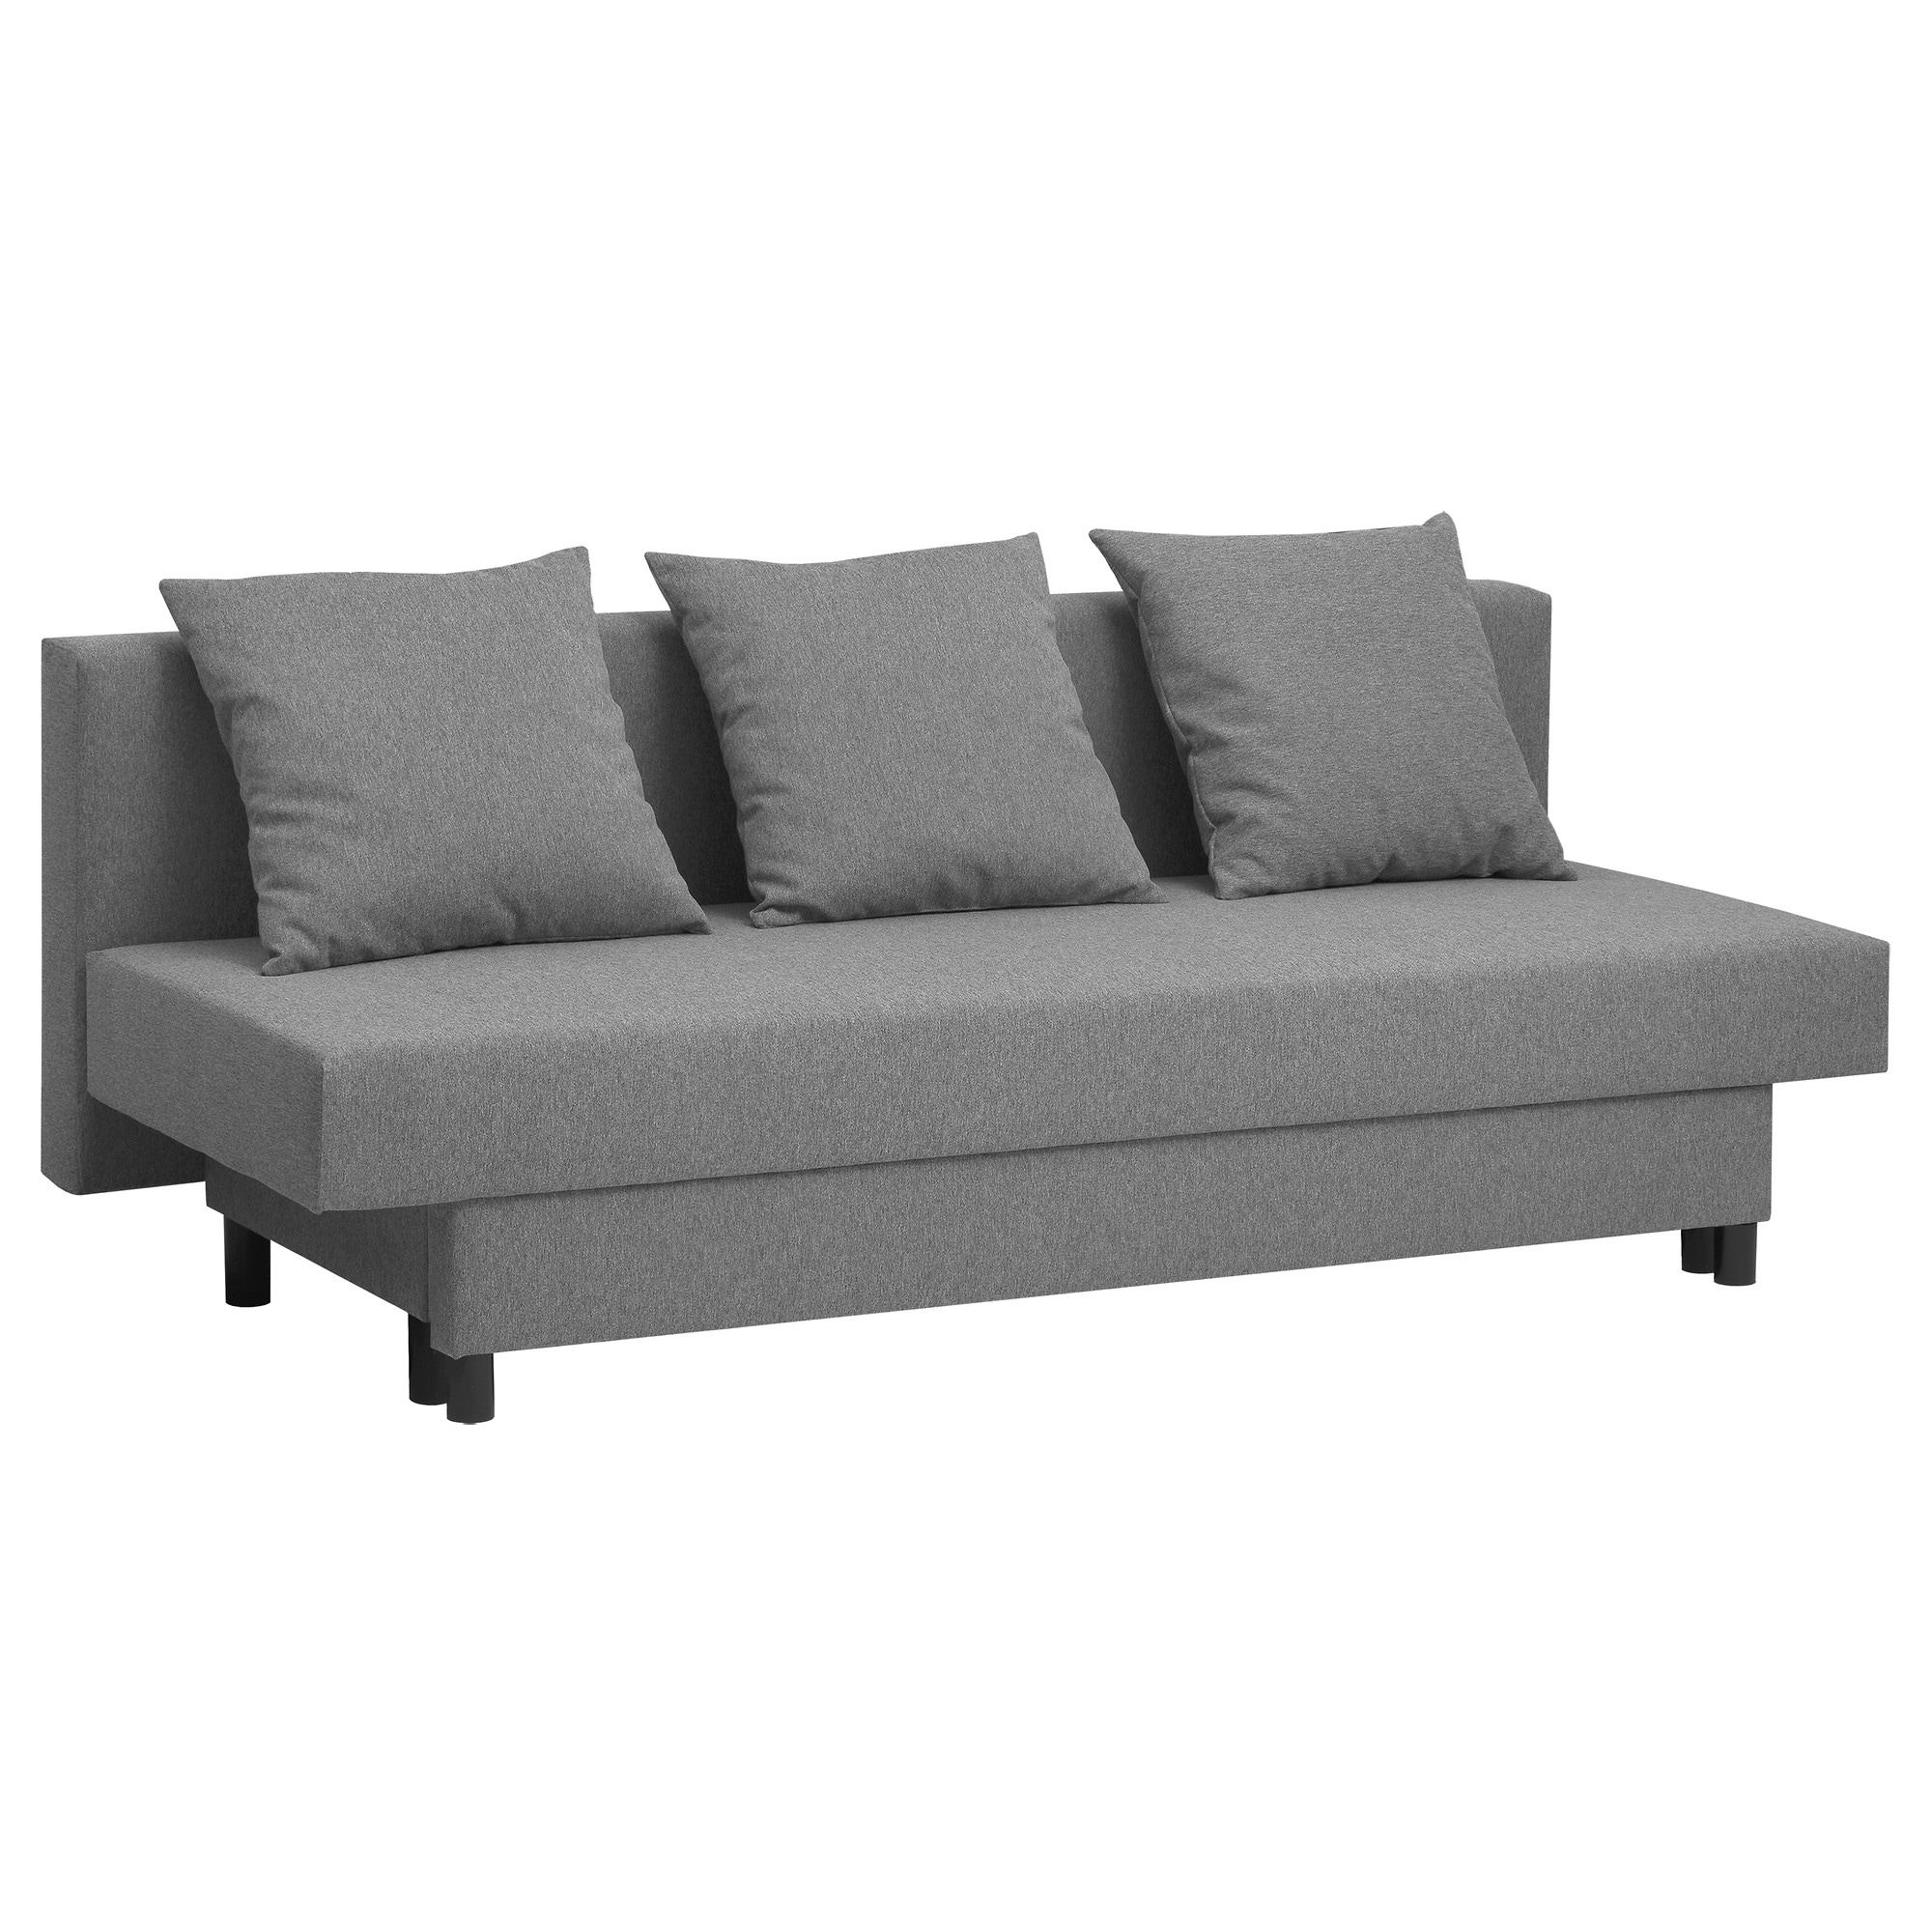 Mueble Cama Ikea Ipdd sofà S Cama De Calidad Pra Online Ikea